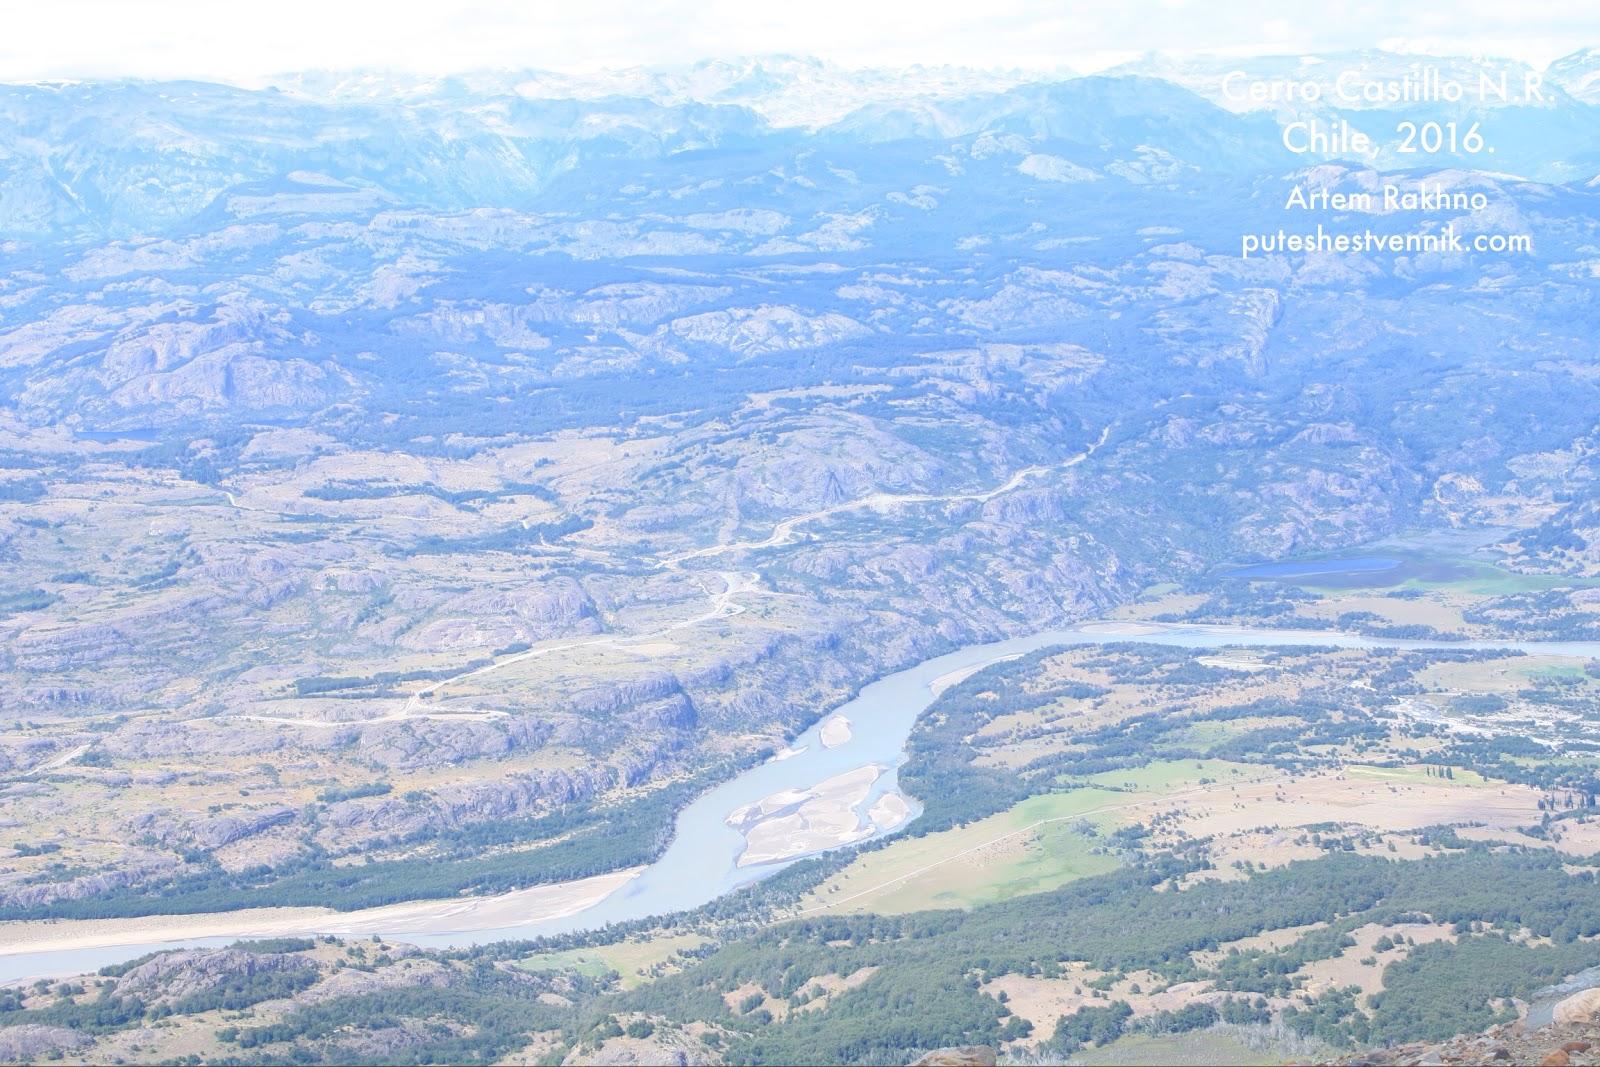 Вид на реку в Чили с высоты птичьего полета